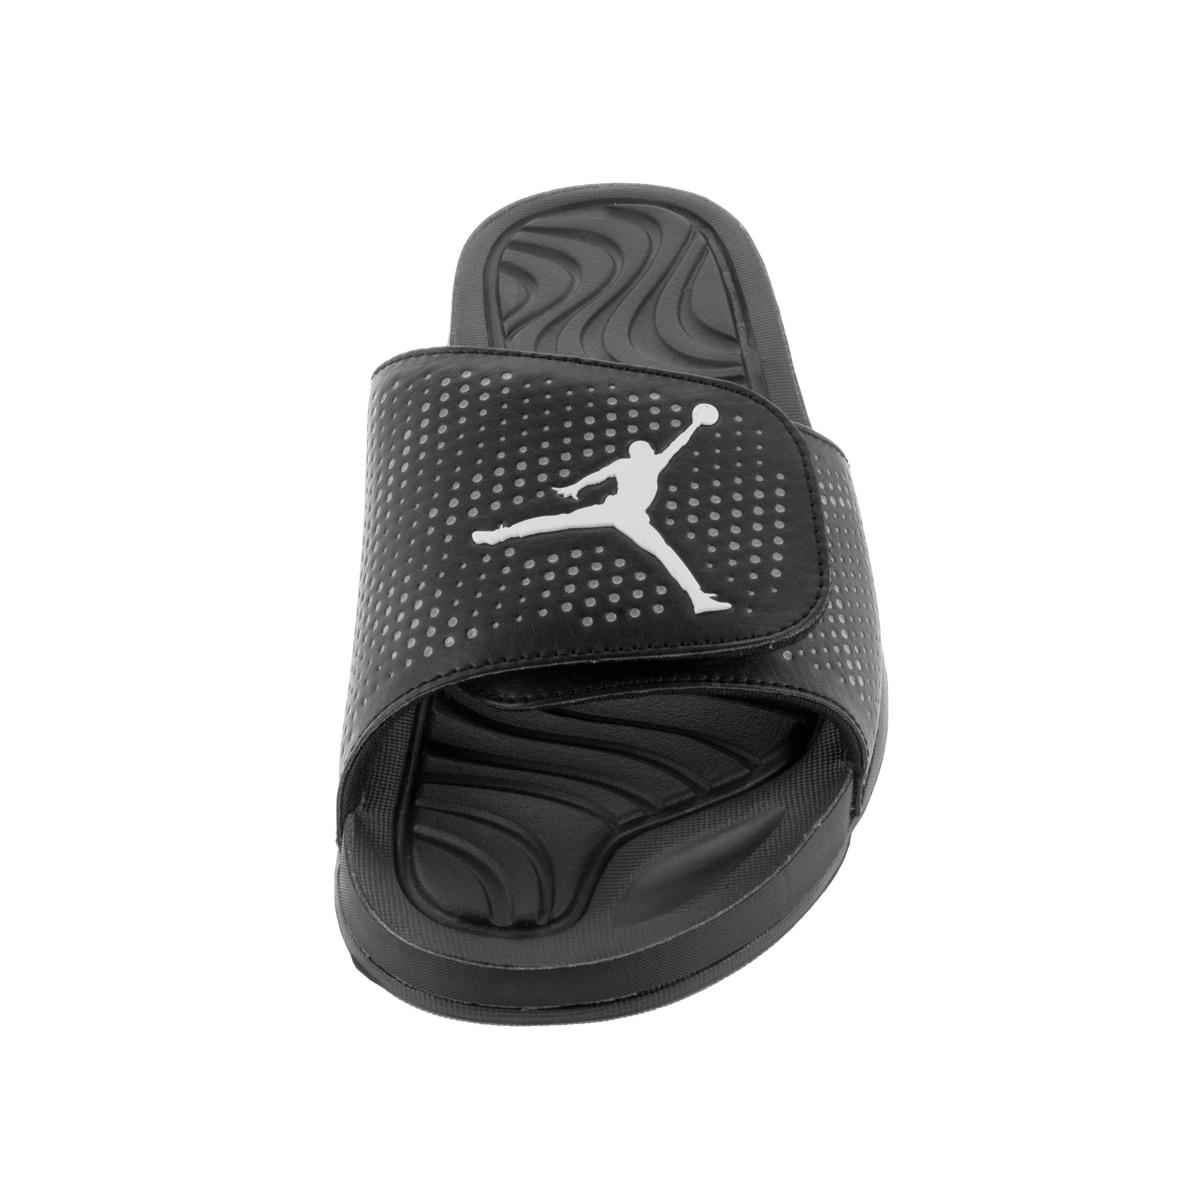 73f983d26e4ec0 Shop Nike Jordan Men s Jordan Hydro 5 Sandal - Free Shipping Today -  Overstock - 12318203